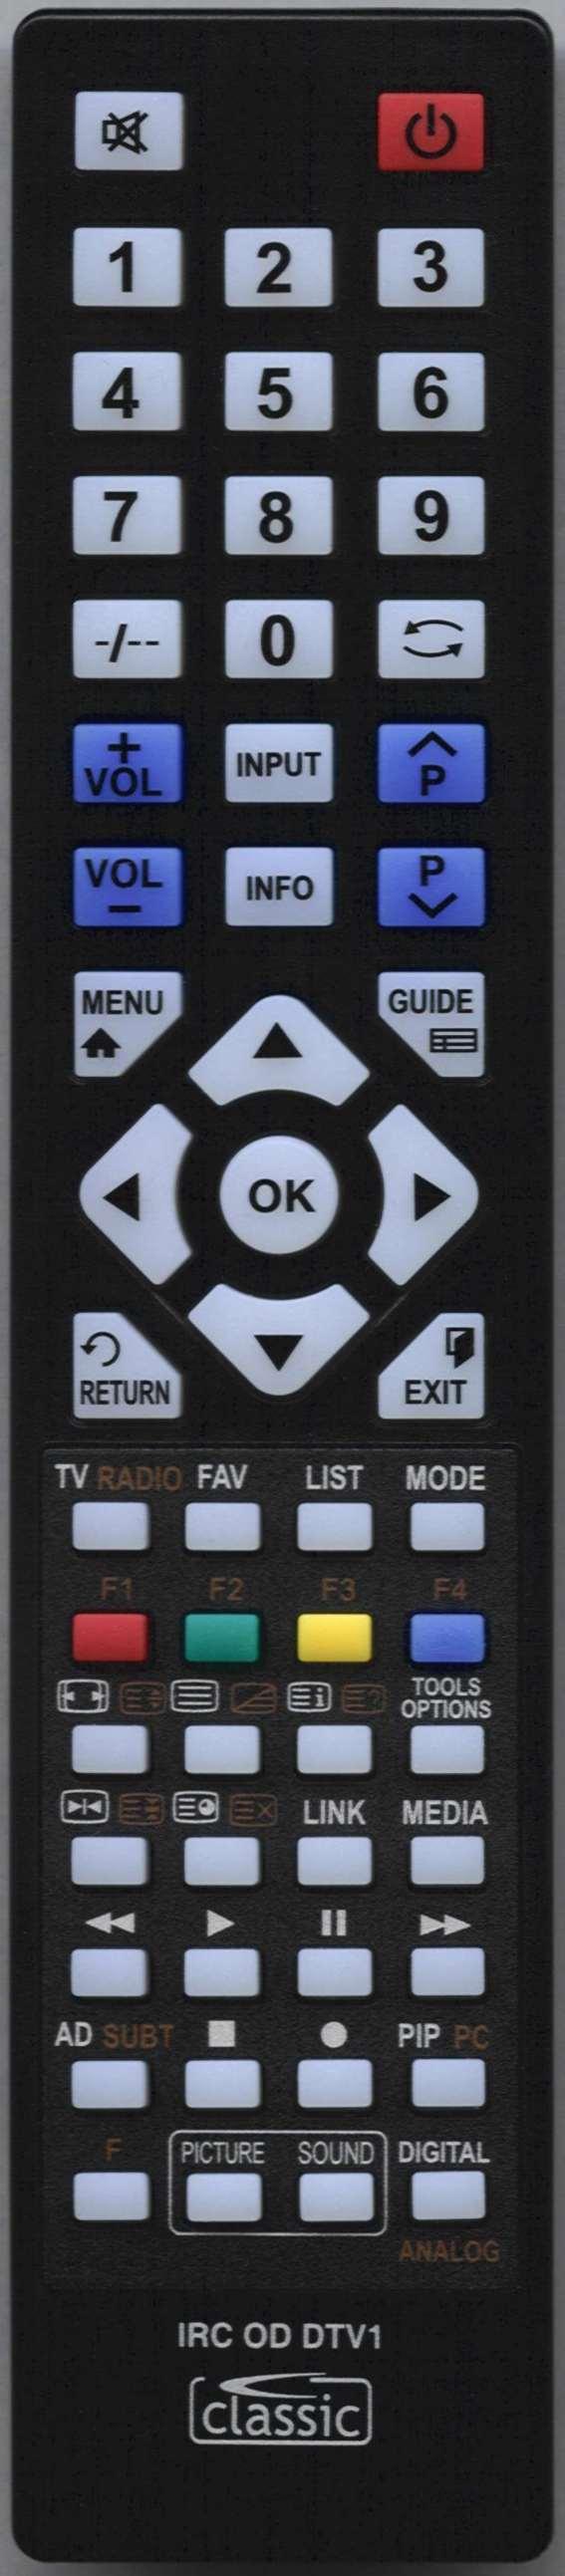 BLAUPUNKT 32/138M-GB-11B4-EGDP-UK Remote Control